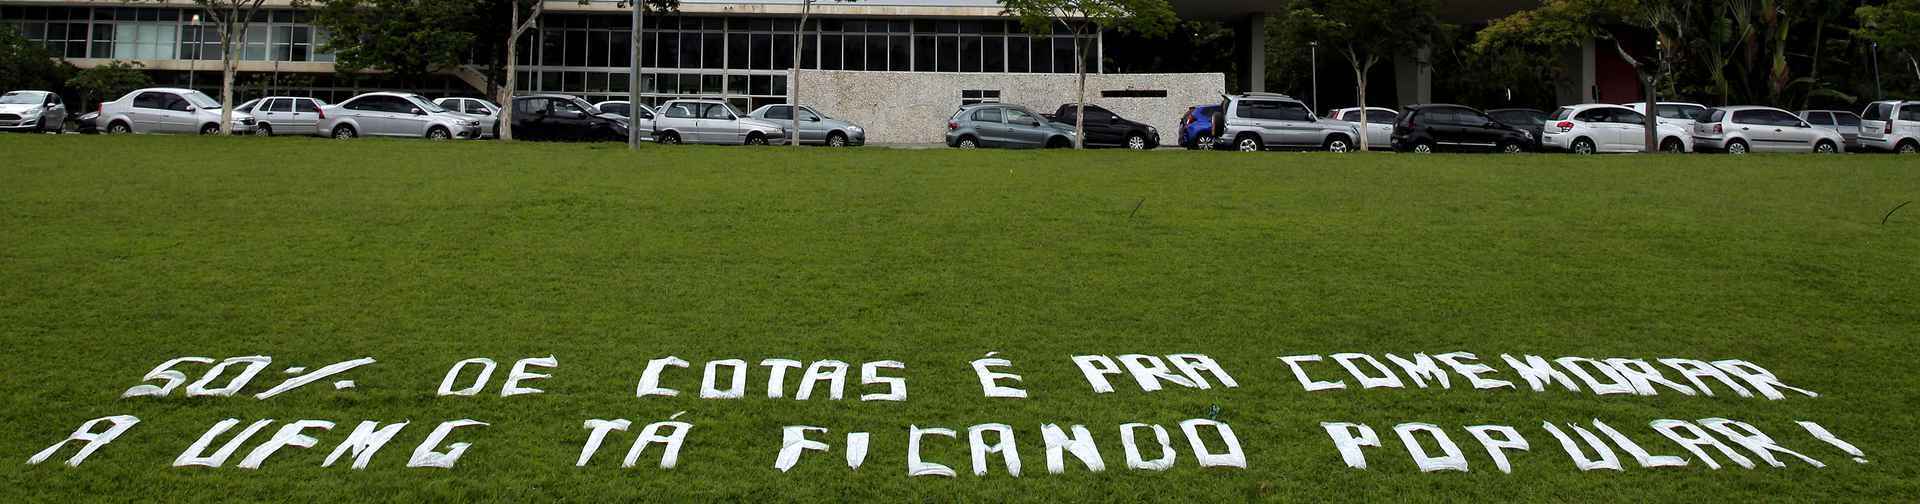 Mensagem de boas vindas aos novos alunos no gramado da Reitoria